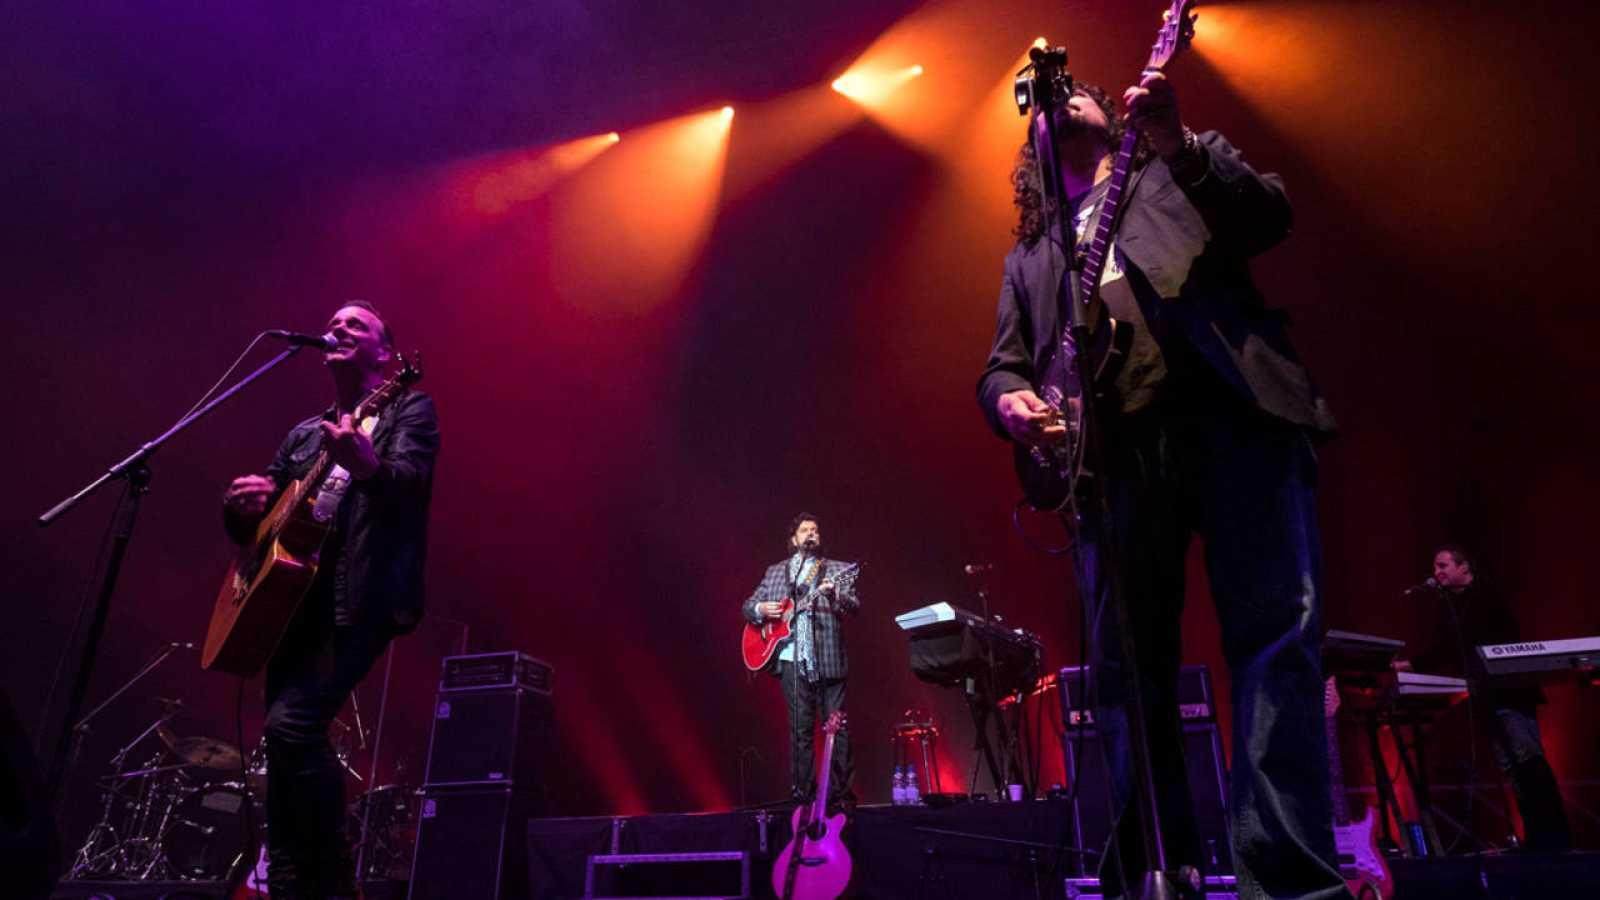 Imagen de archivo de un concierto de la banda The Alan Parsons Project, en Las Palmas de Gran Canaria el pasado 20 de abril.